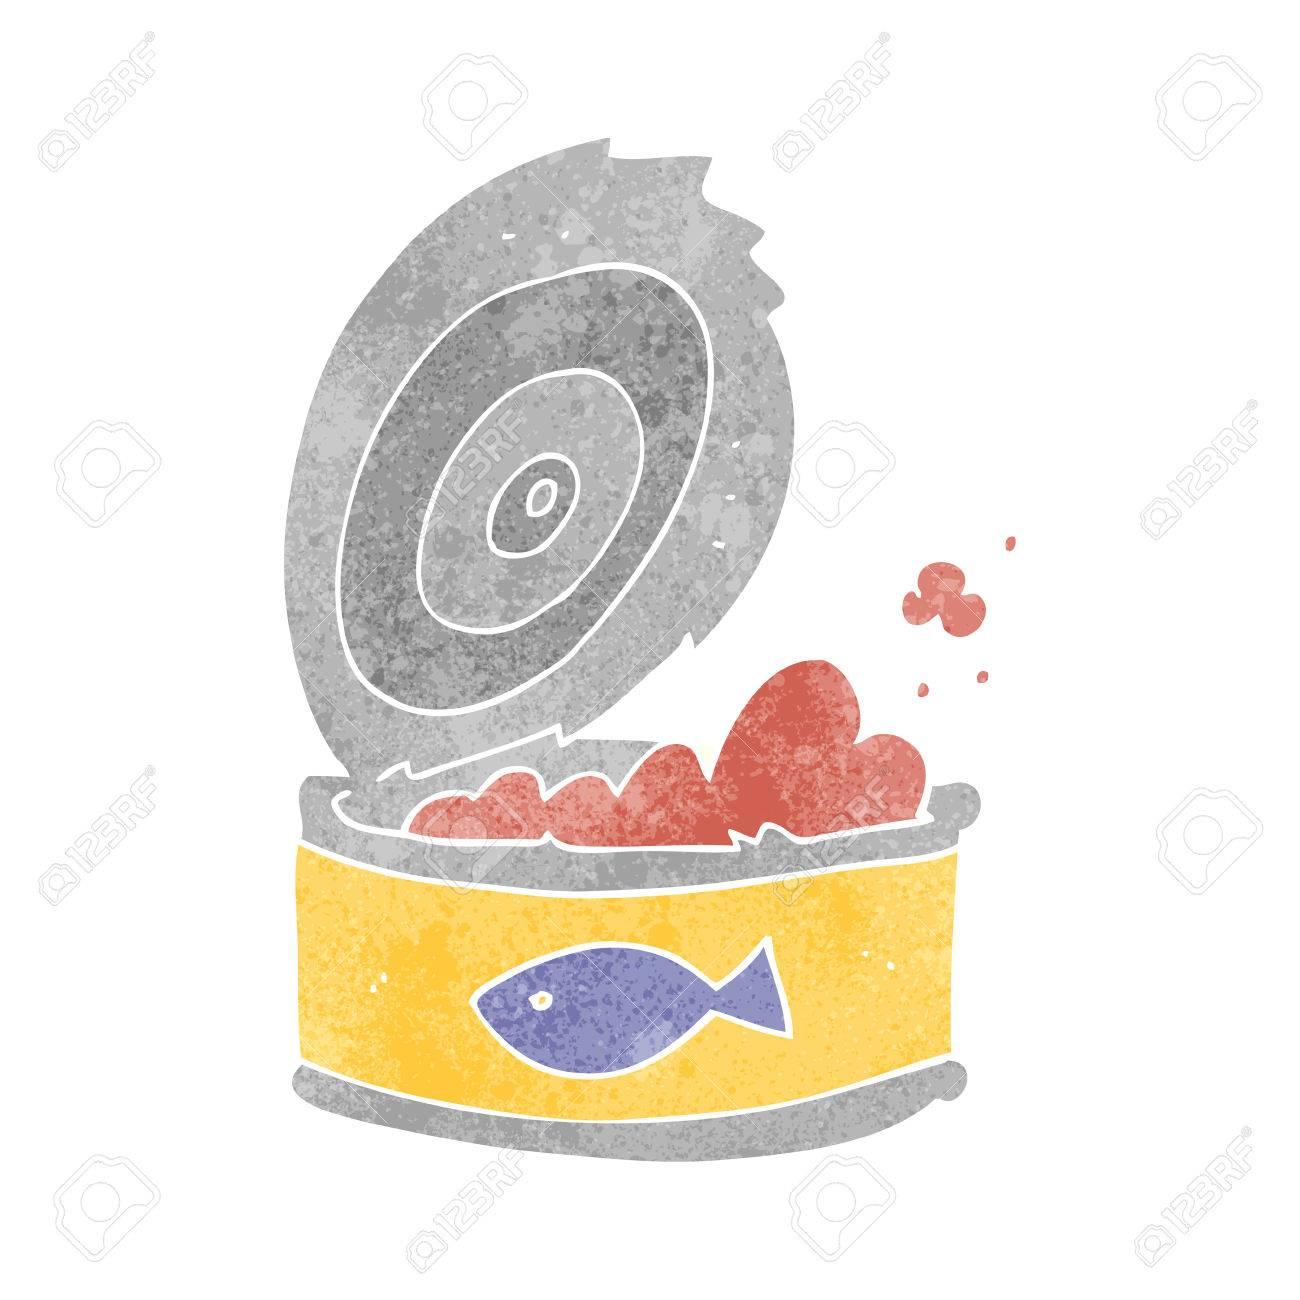 フリーハンドのレトロ漫画のツナ缶しますのイラスト素材ベクタ